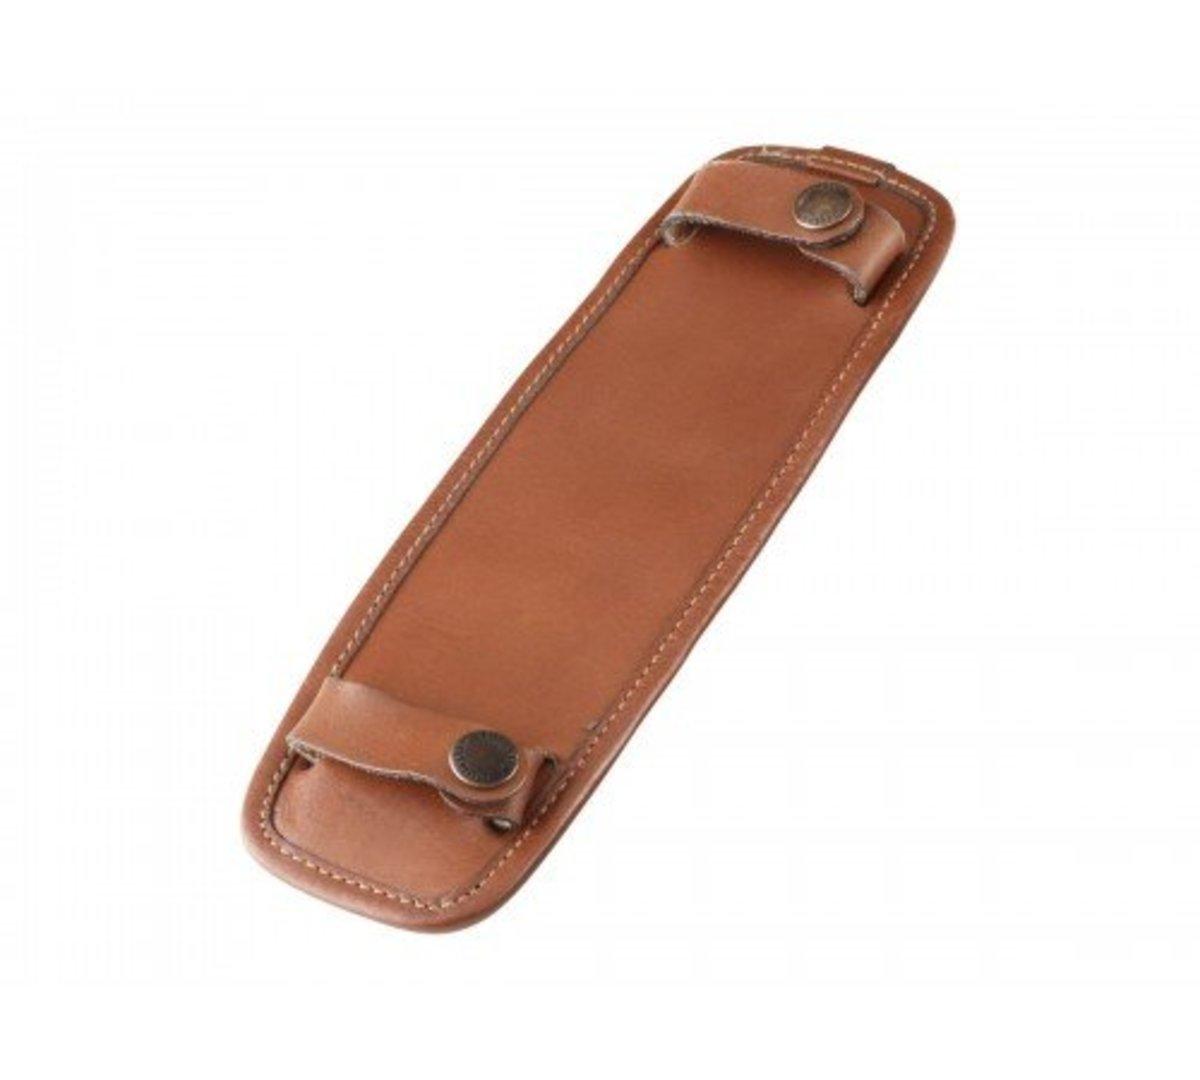 英國製 Billingham - SP50 肩墊 - 棕色